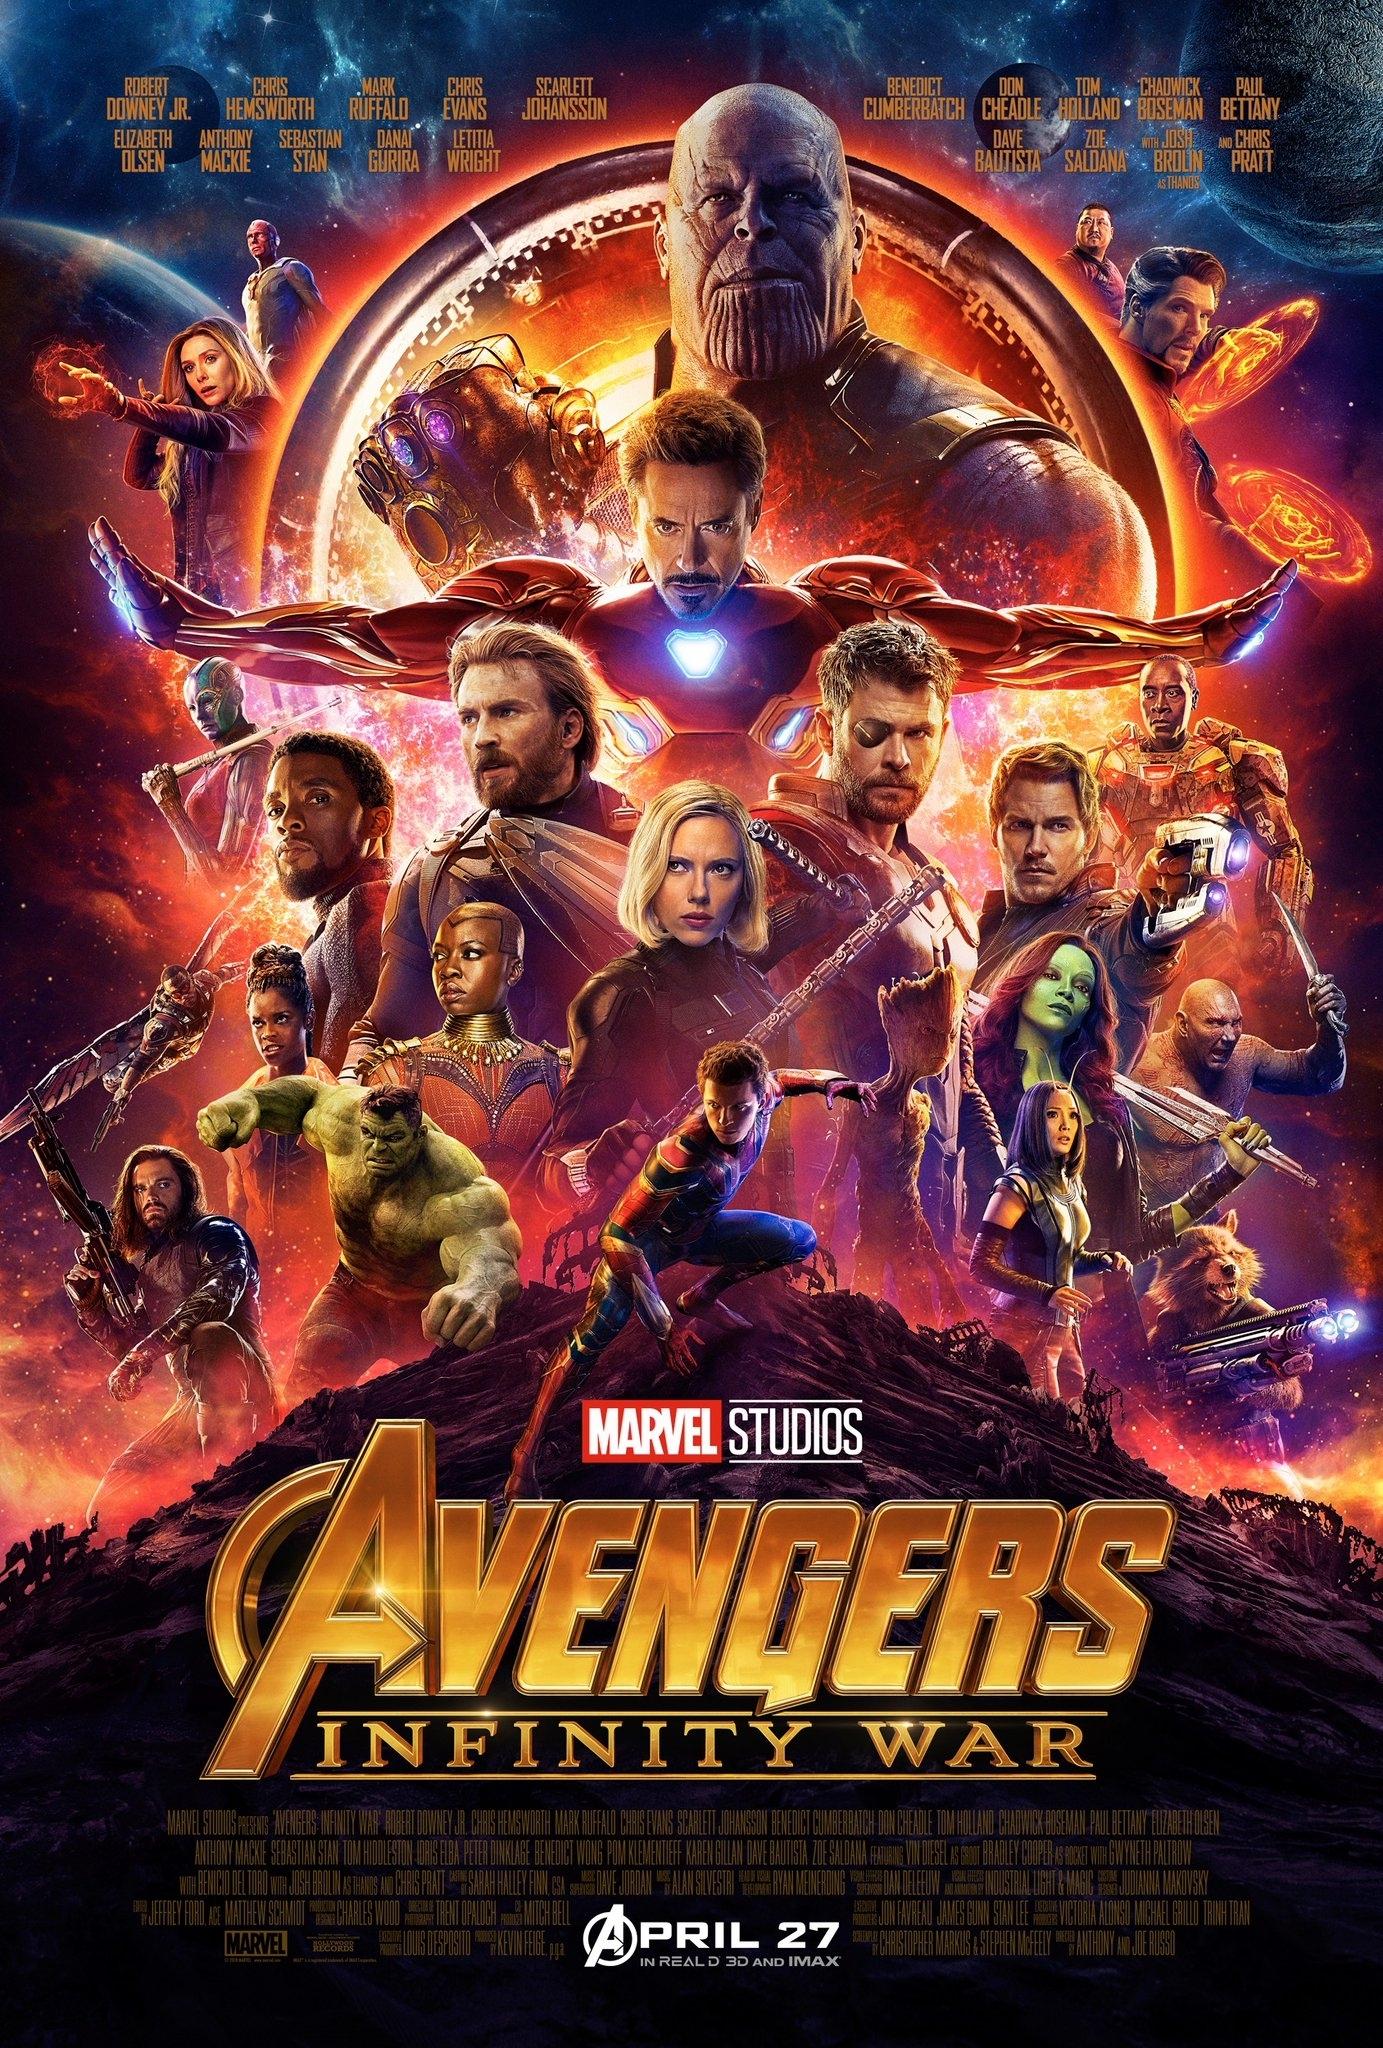 avengers-infinity-war-affiche-poster-hd - les toiles héroïques